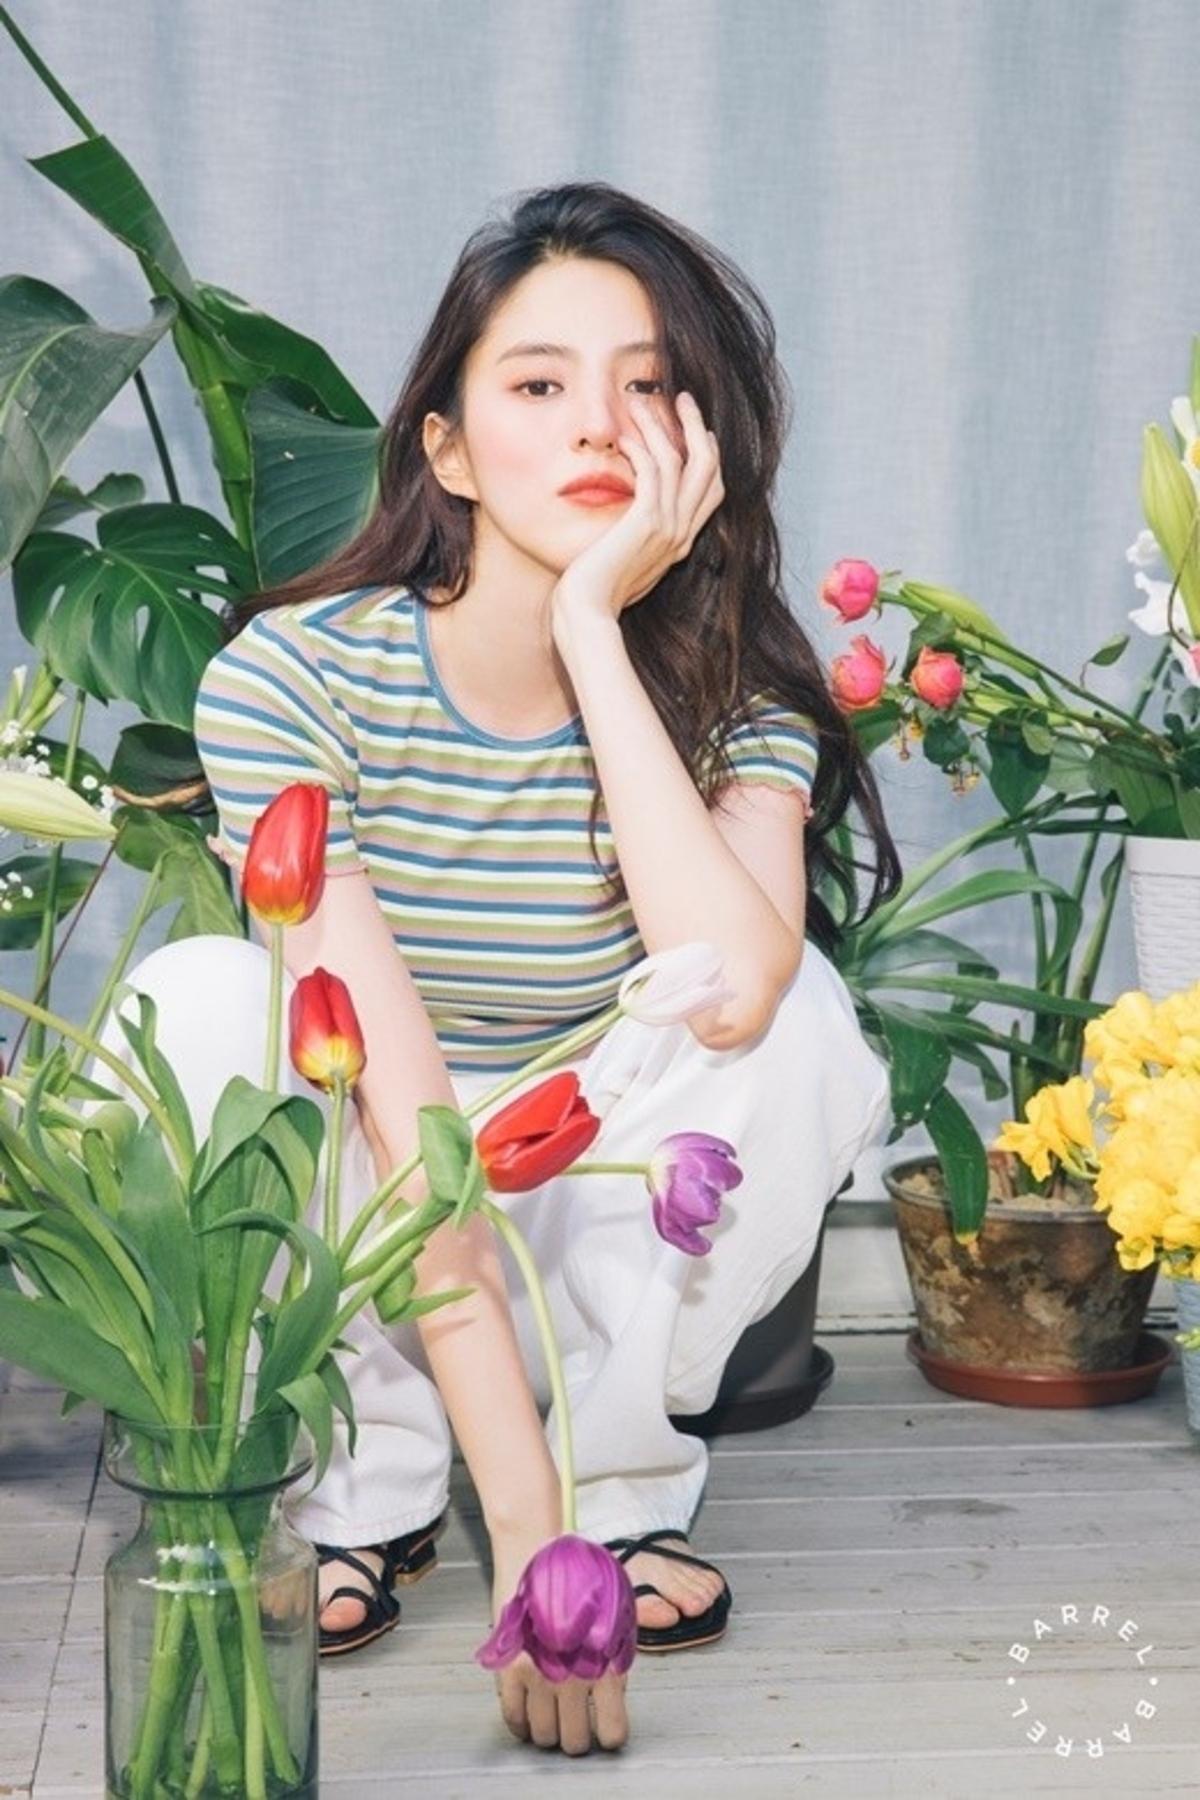 韩素希公开2020年春夏季节写真 比花更耀眼的美貌